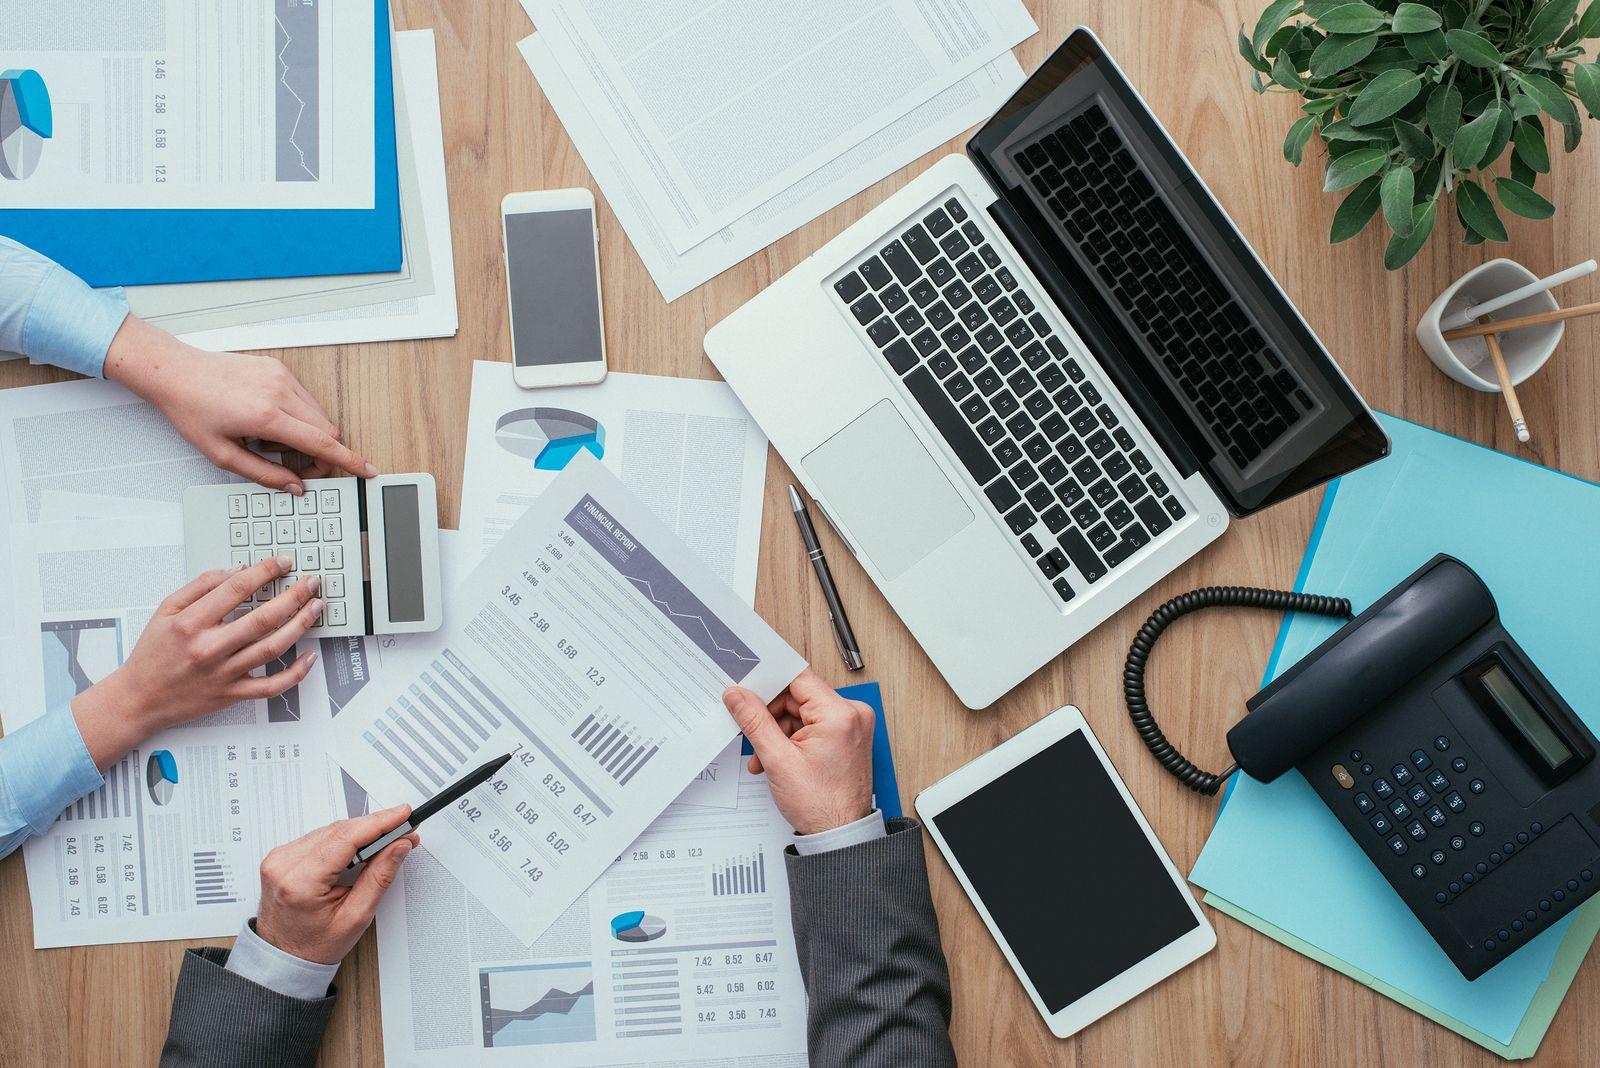 Онлайн-бухгалтерия для малого и среднего бизнеса